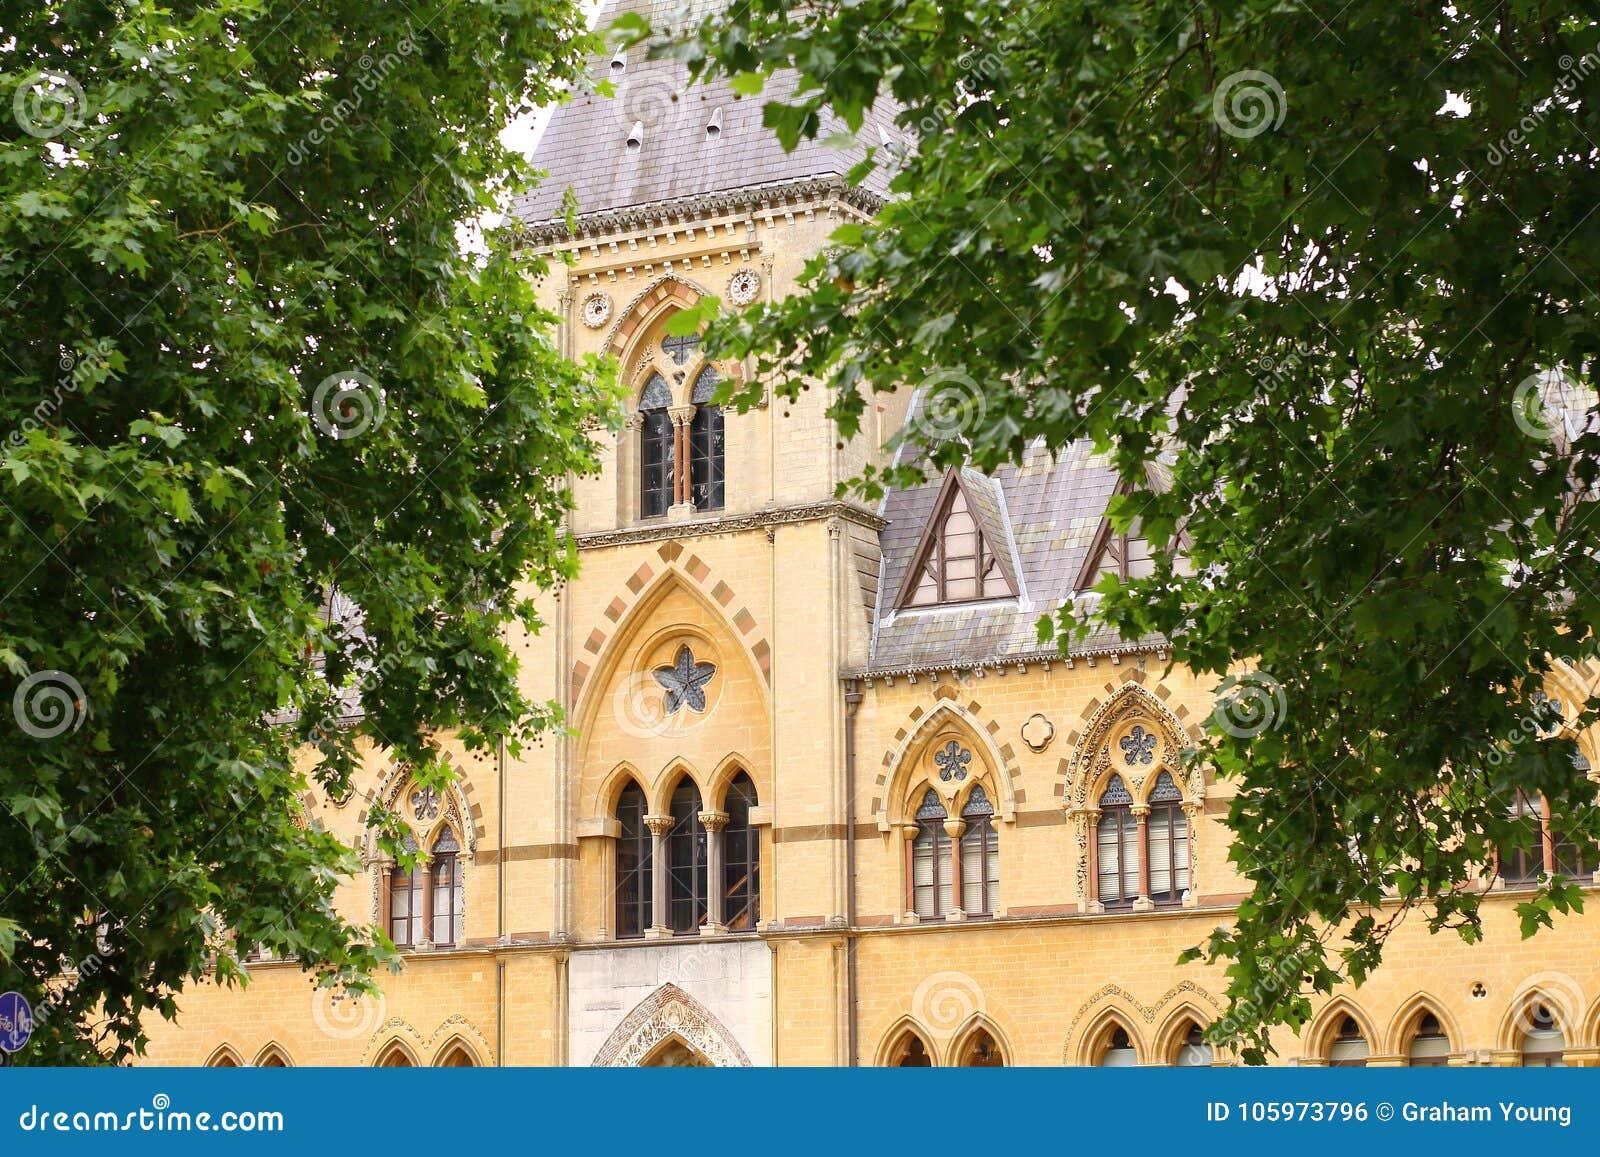 Architektur in England